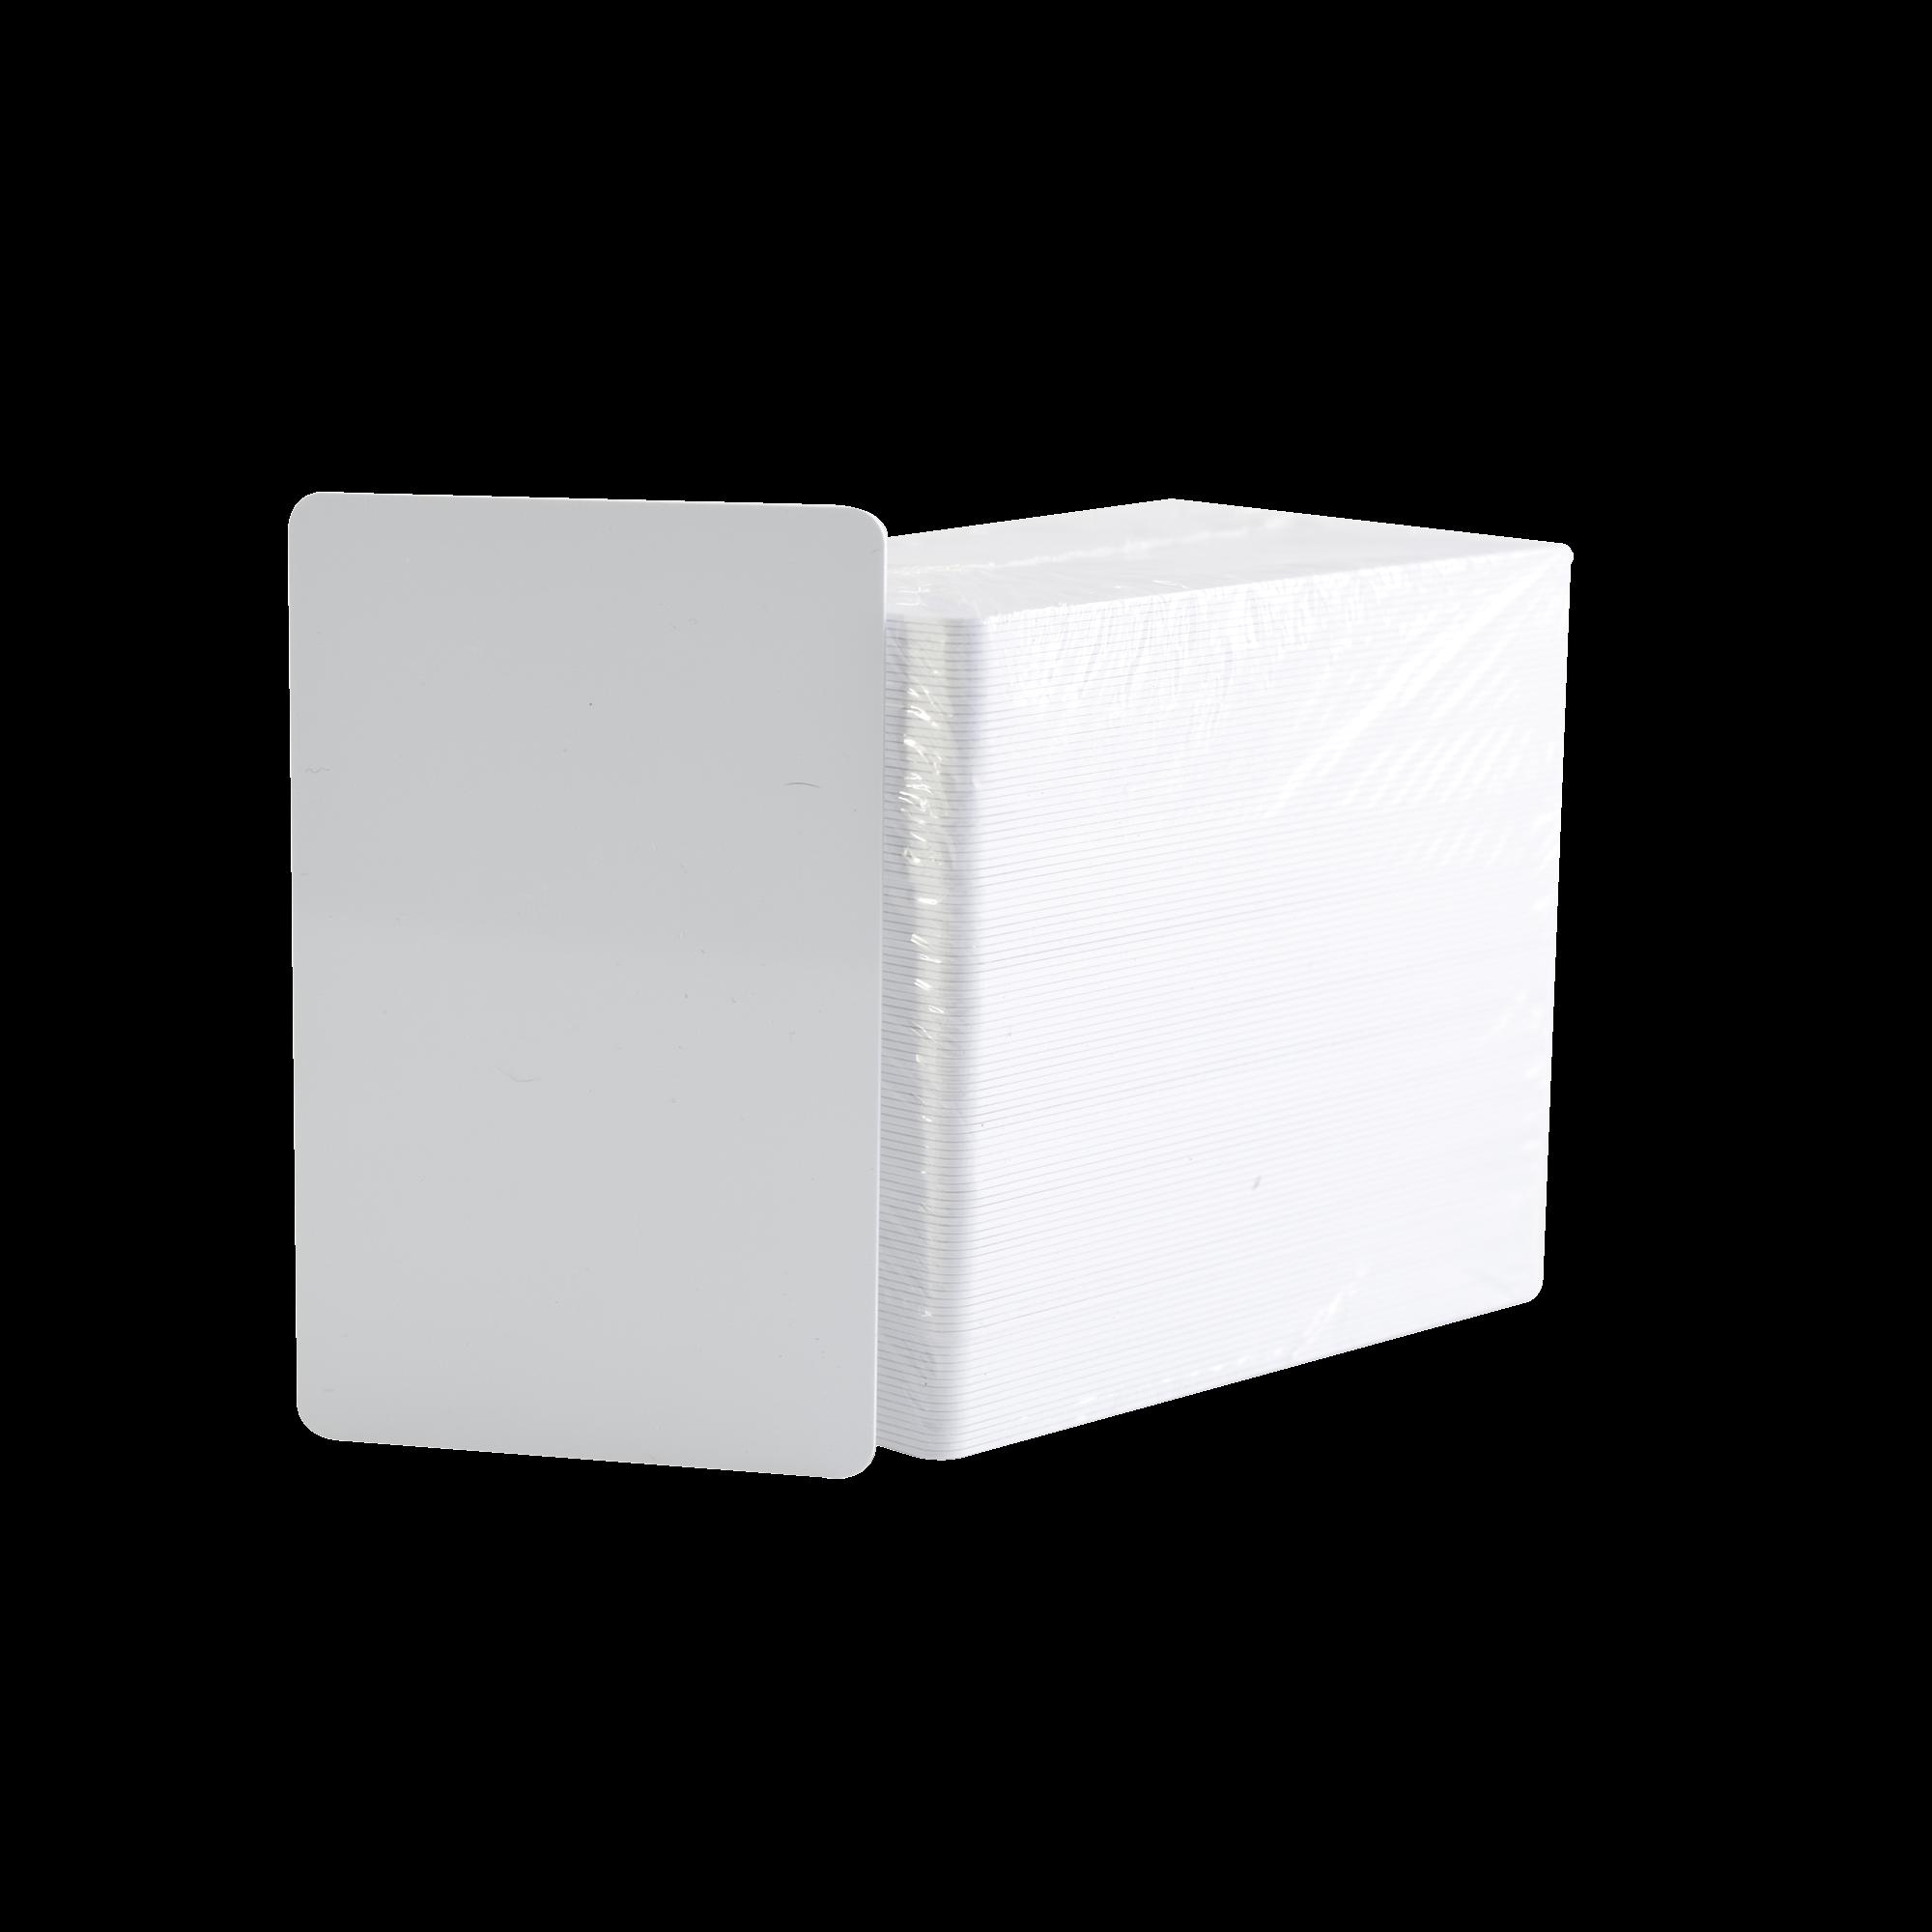 Paquete de 500 Tarjetas UltraCard 10 mil  Adhesivas Imprimibles por un solo lado /  Para pegar sobre tarjetas/ CR79